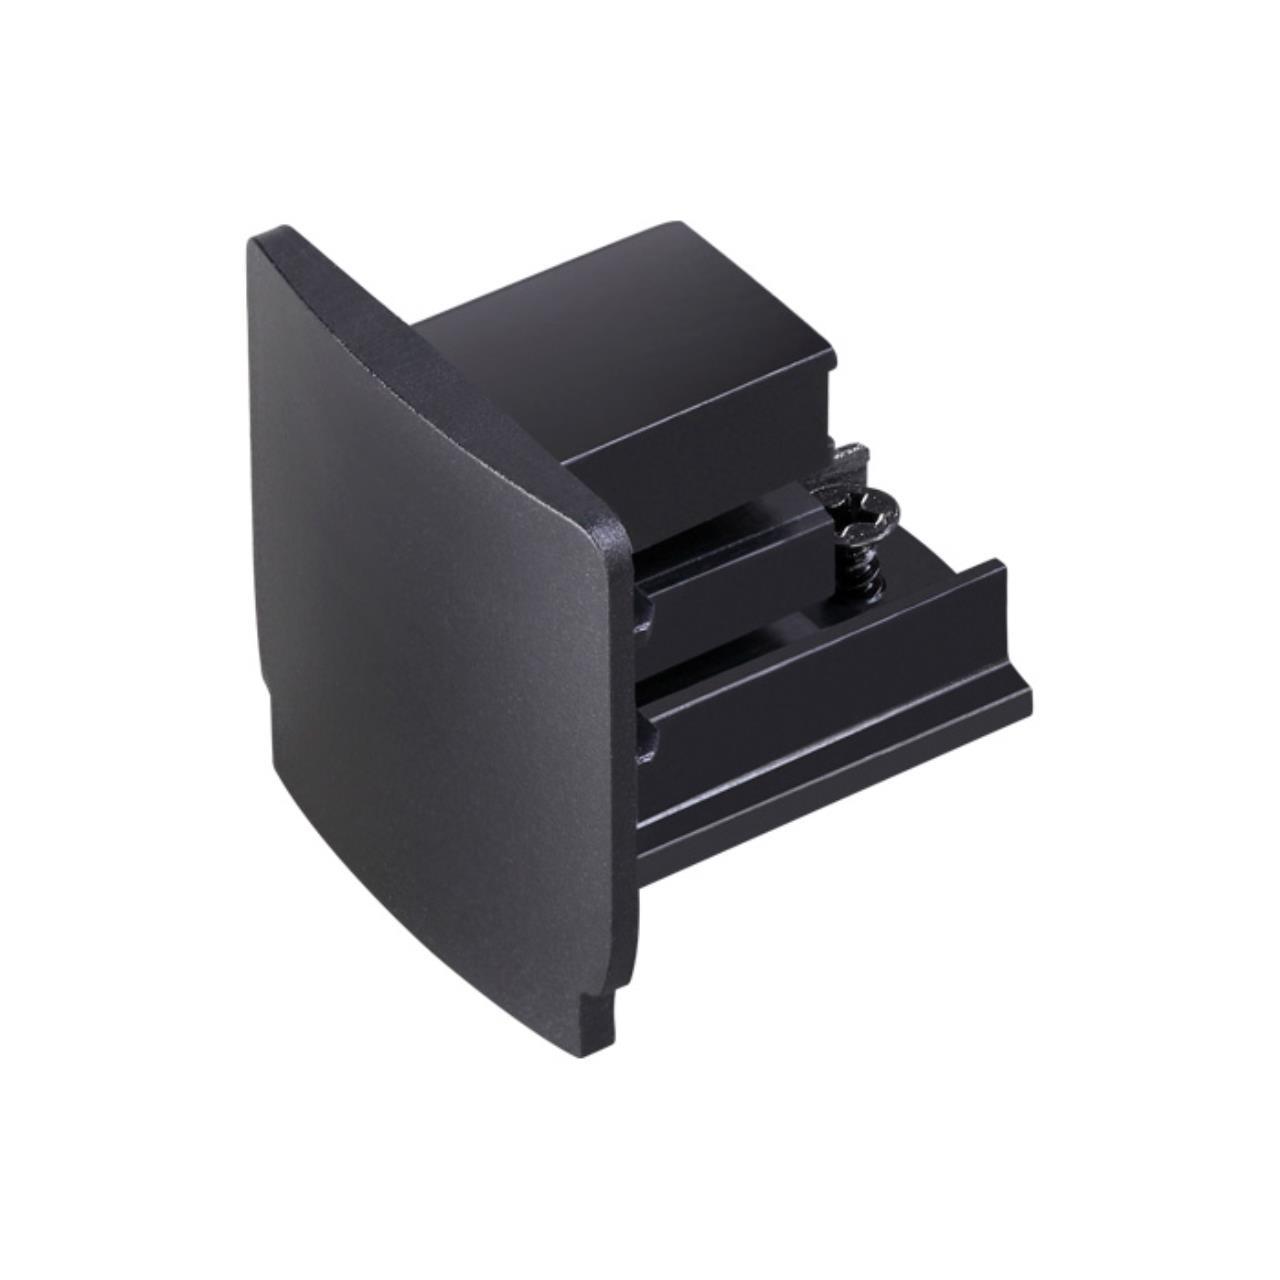 135045 PORT NT19 012 черный Заглушка торцевая для трехфазного шинопровода IP20